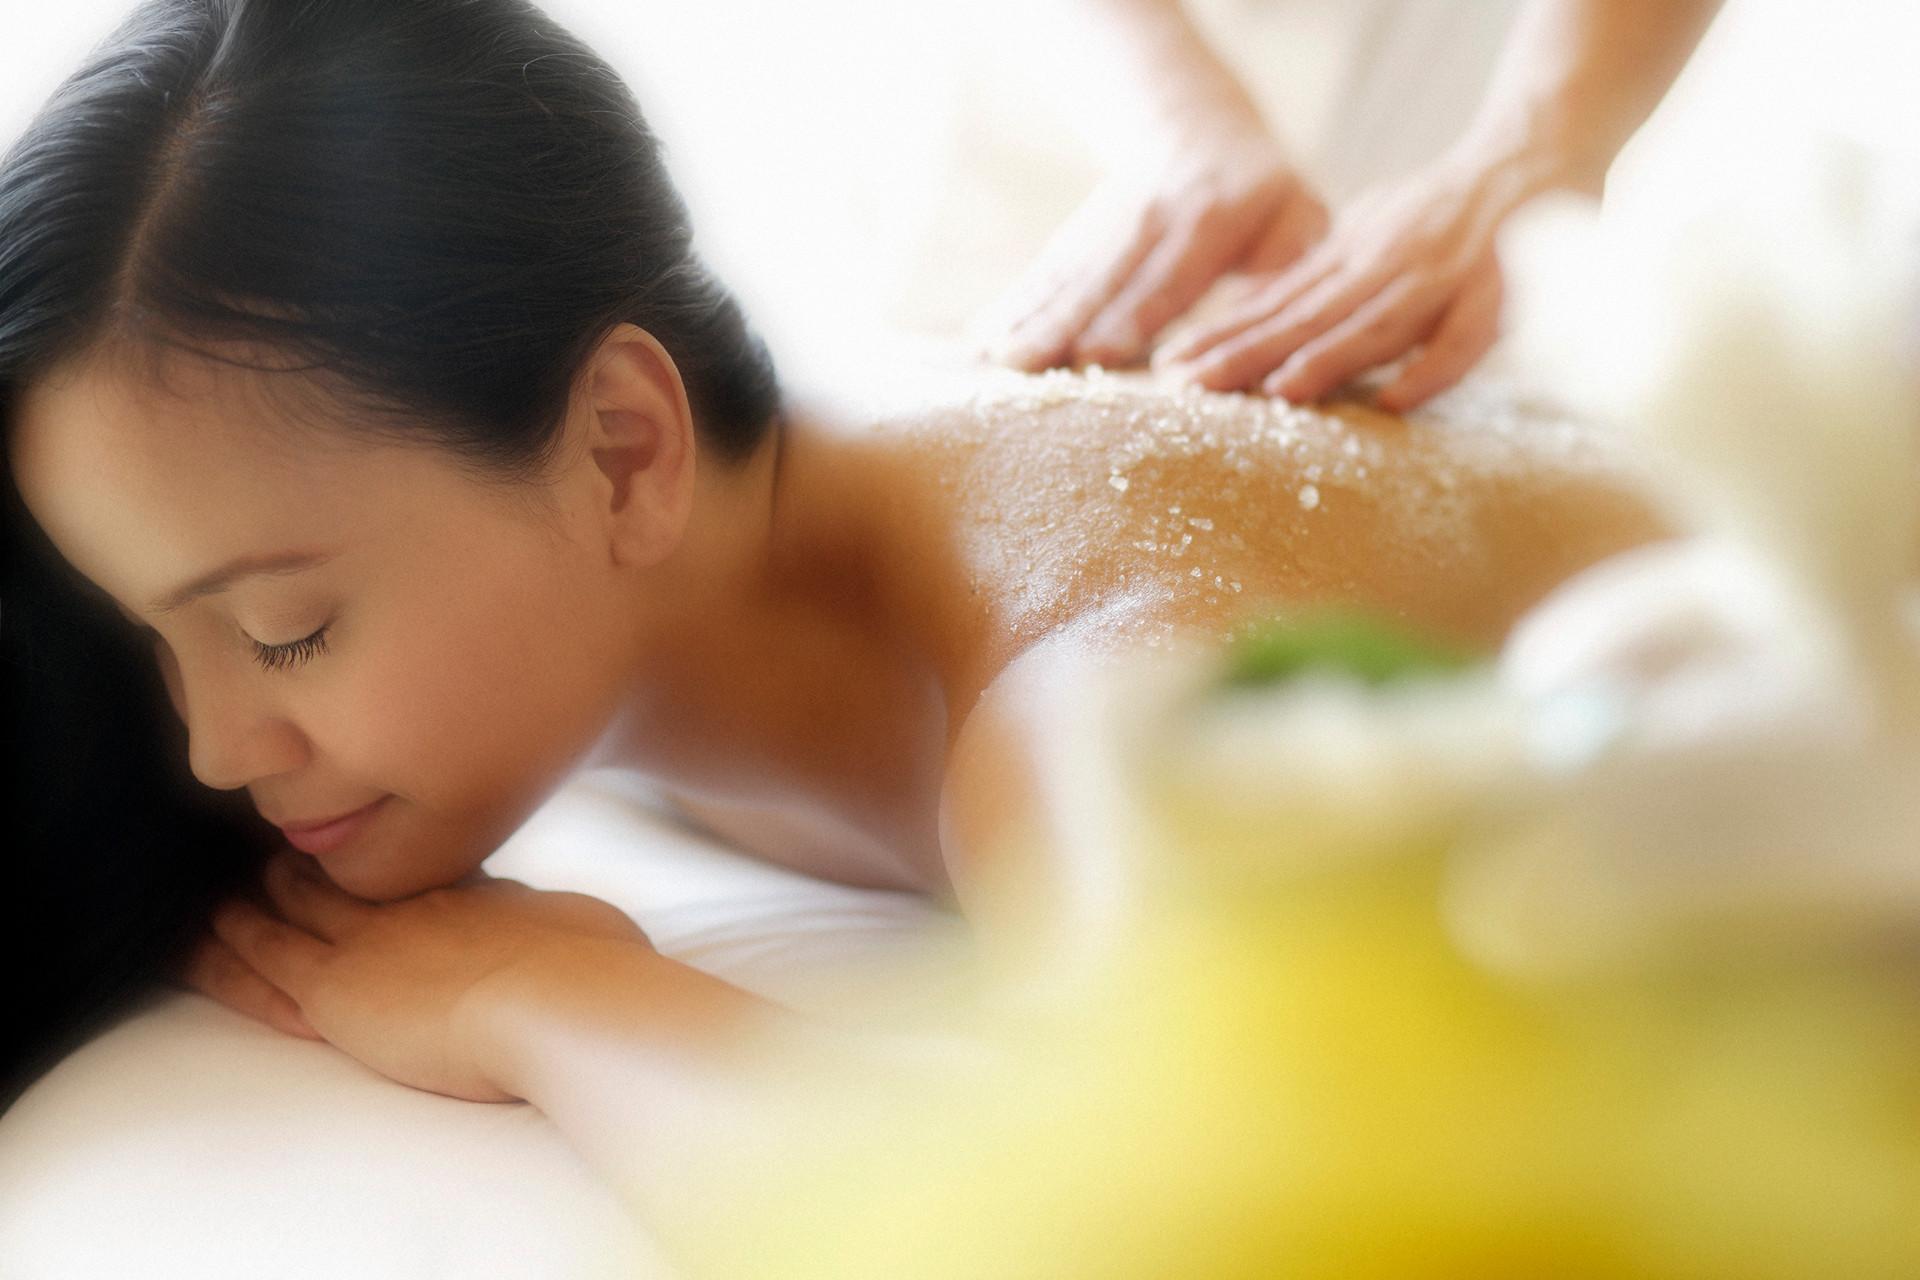 Asian massage backgrounds teen blowjob suck